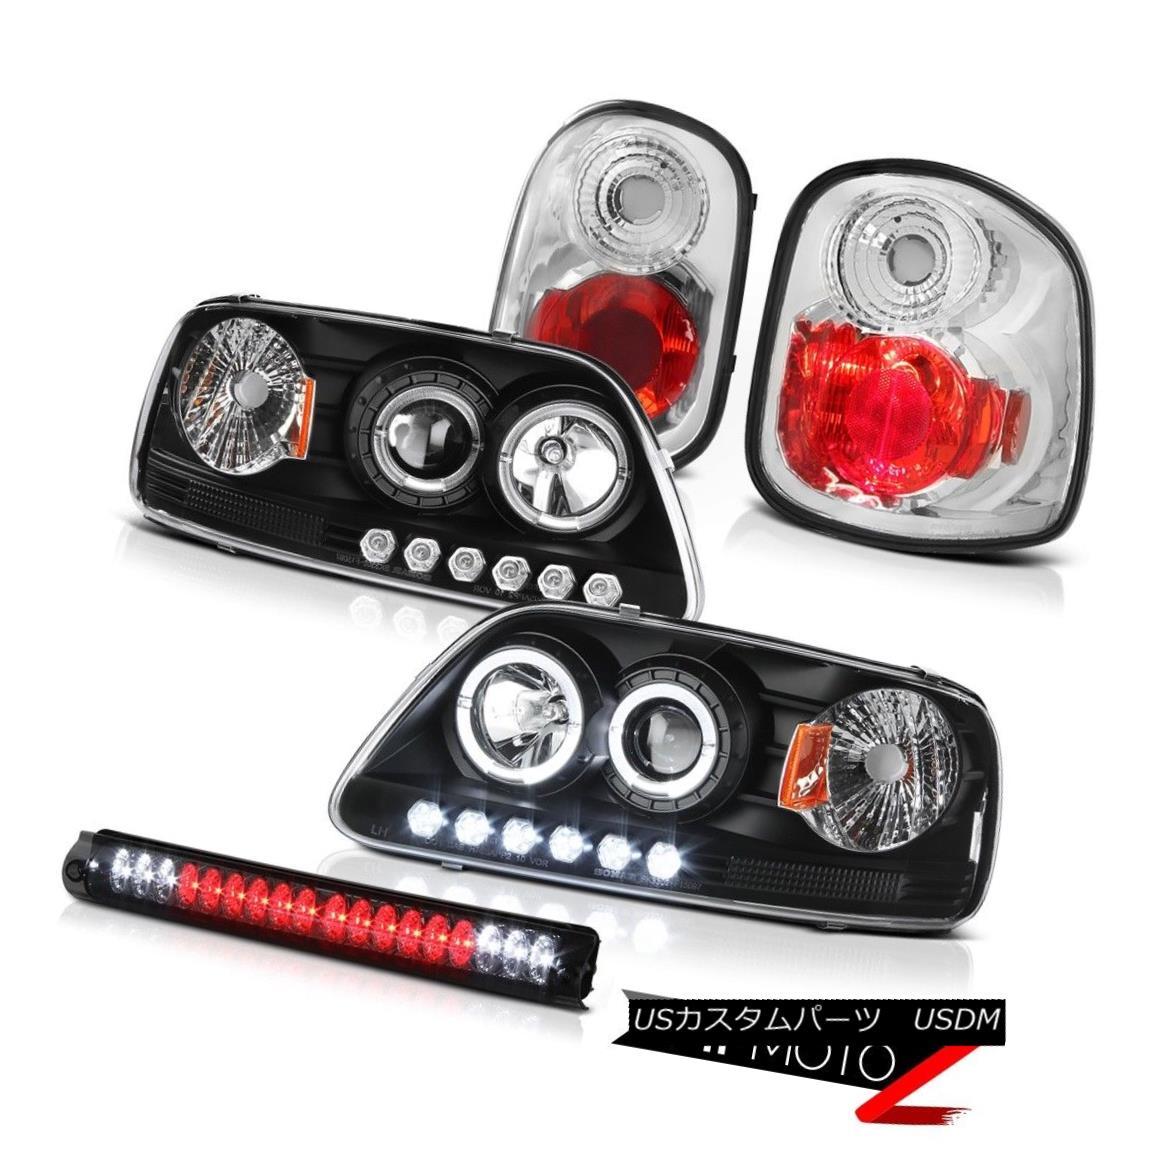 ヘッドライト Halo LED Headlights Rear Tail Lights Smoke 3rd Brake 97-00 F150 Flareside Lariat Halo LEDヘッドライトリアテールライトスモーク3rdブレーキ97-00 F150 Flareside Lariat